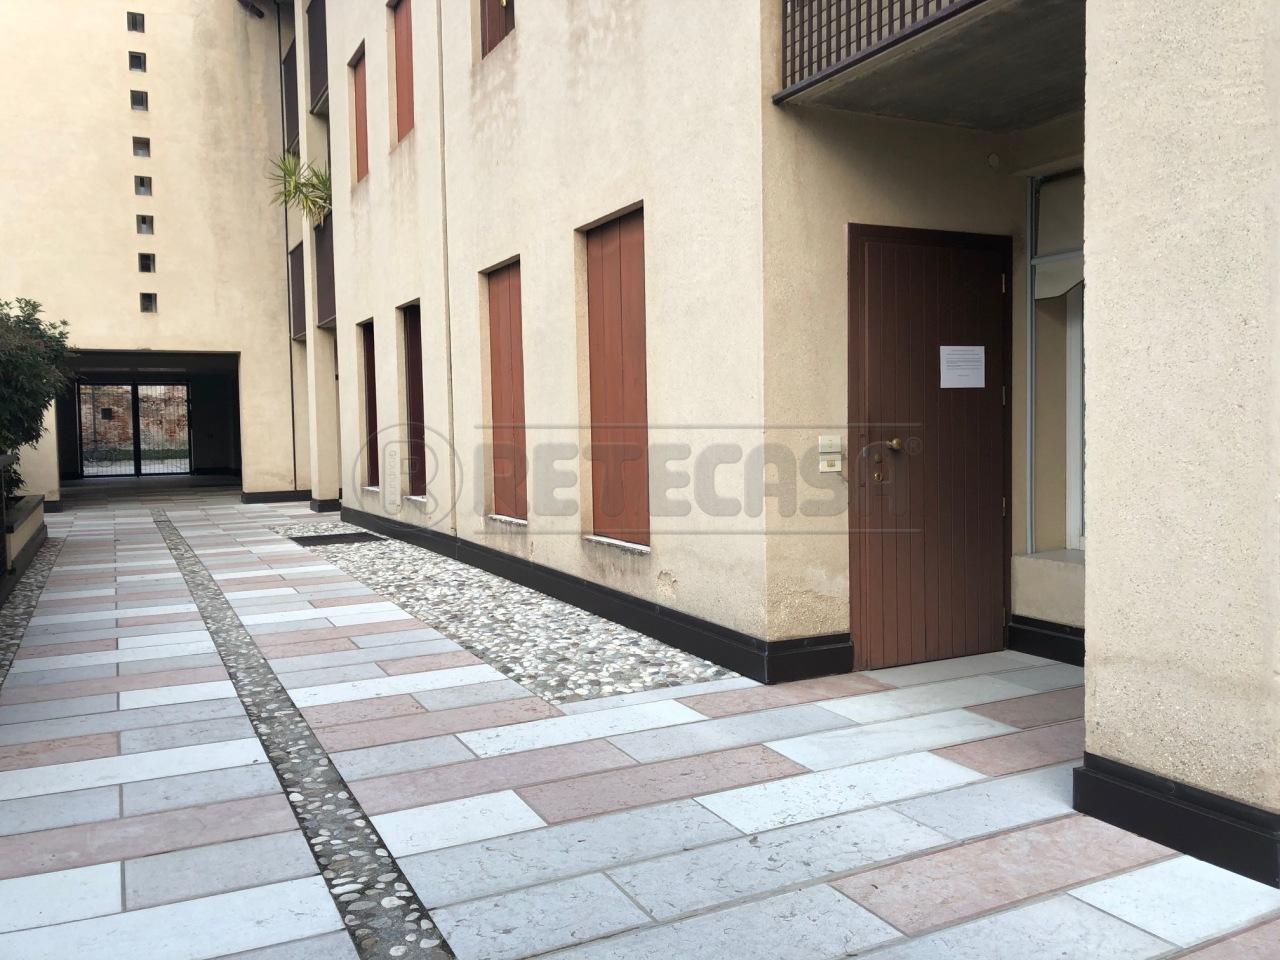 Ufficio / Studio in vendita a Bassano del Grappa, 2 locali, prezzo € 110.000 | CambioCasa.it